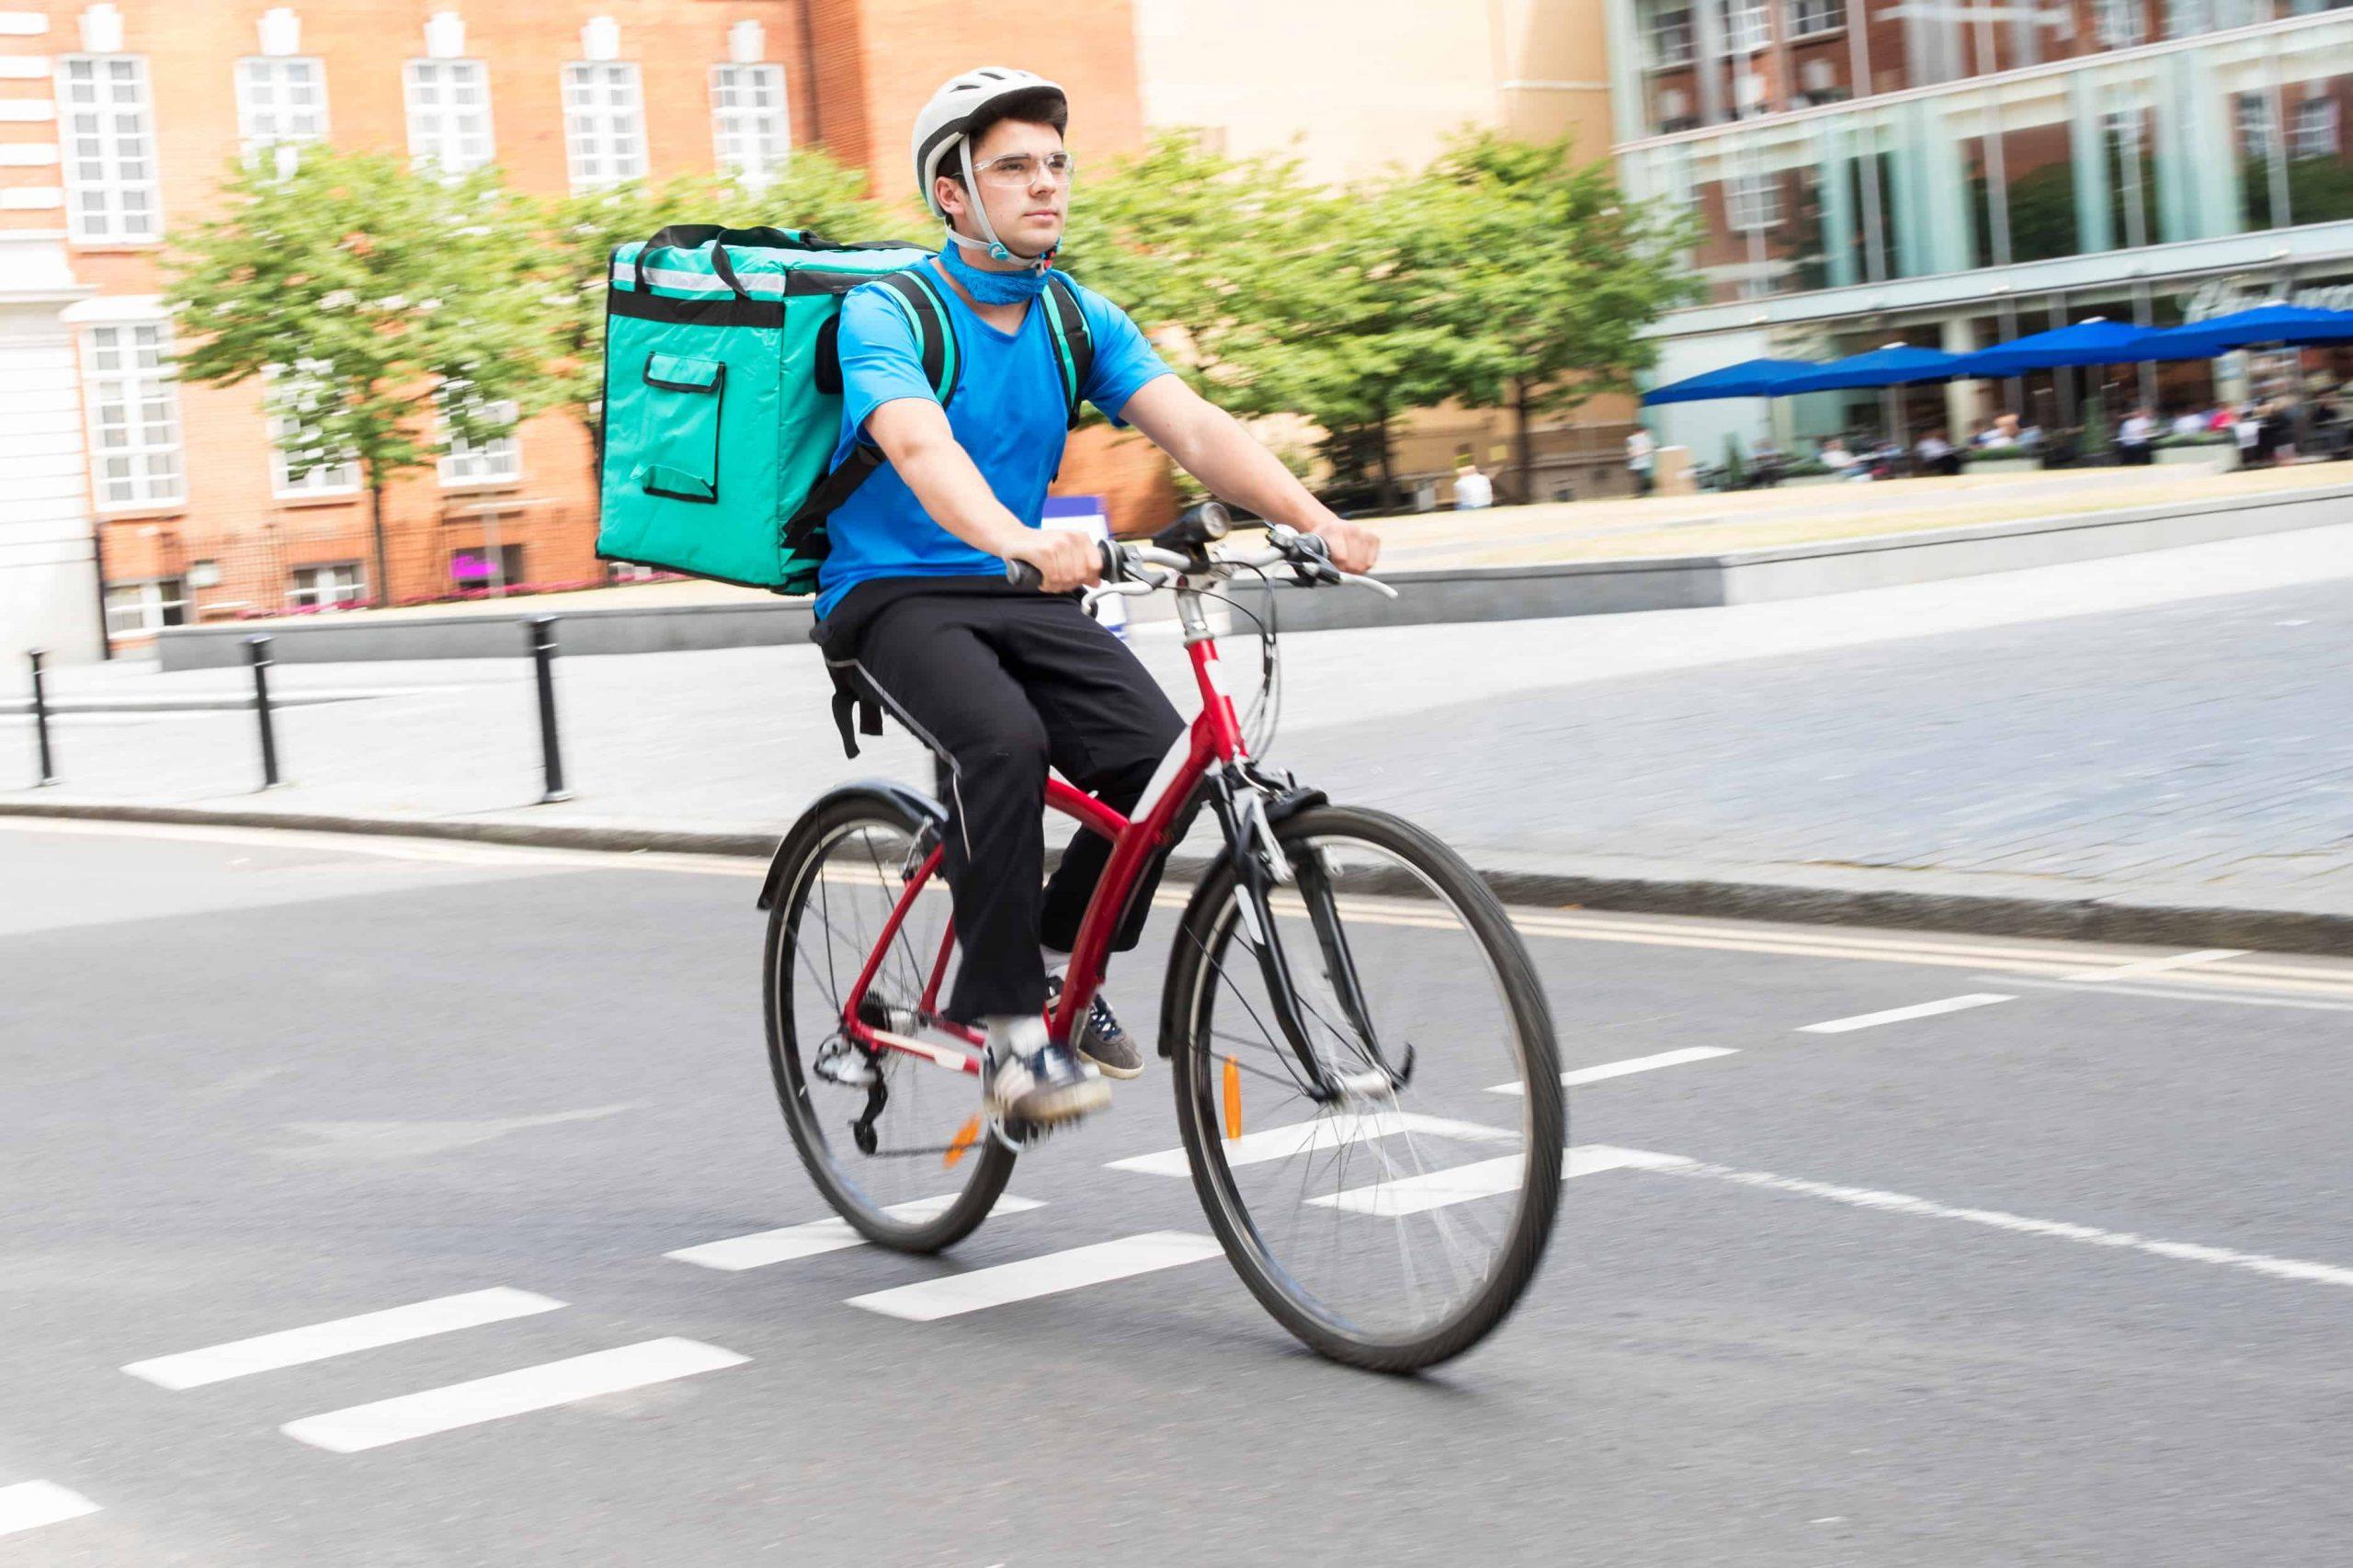 Fahrrad Airbag: Test & Empfehlungen (04/21)